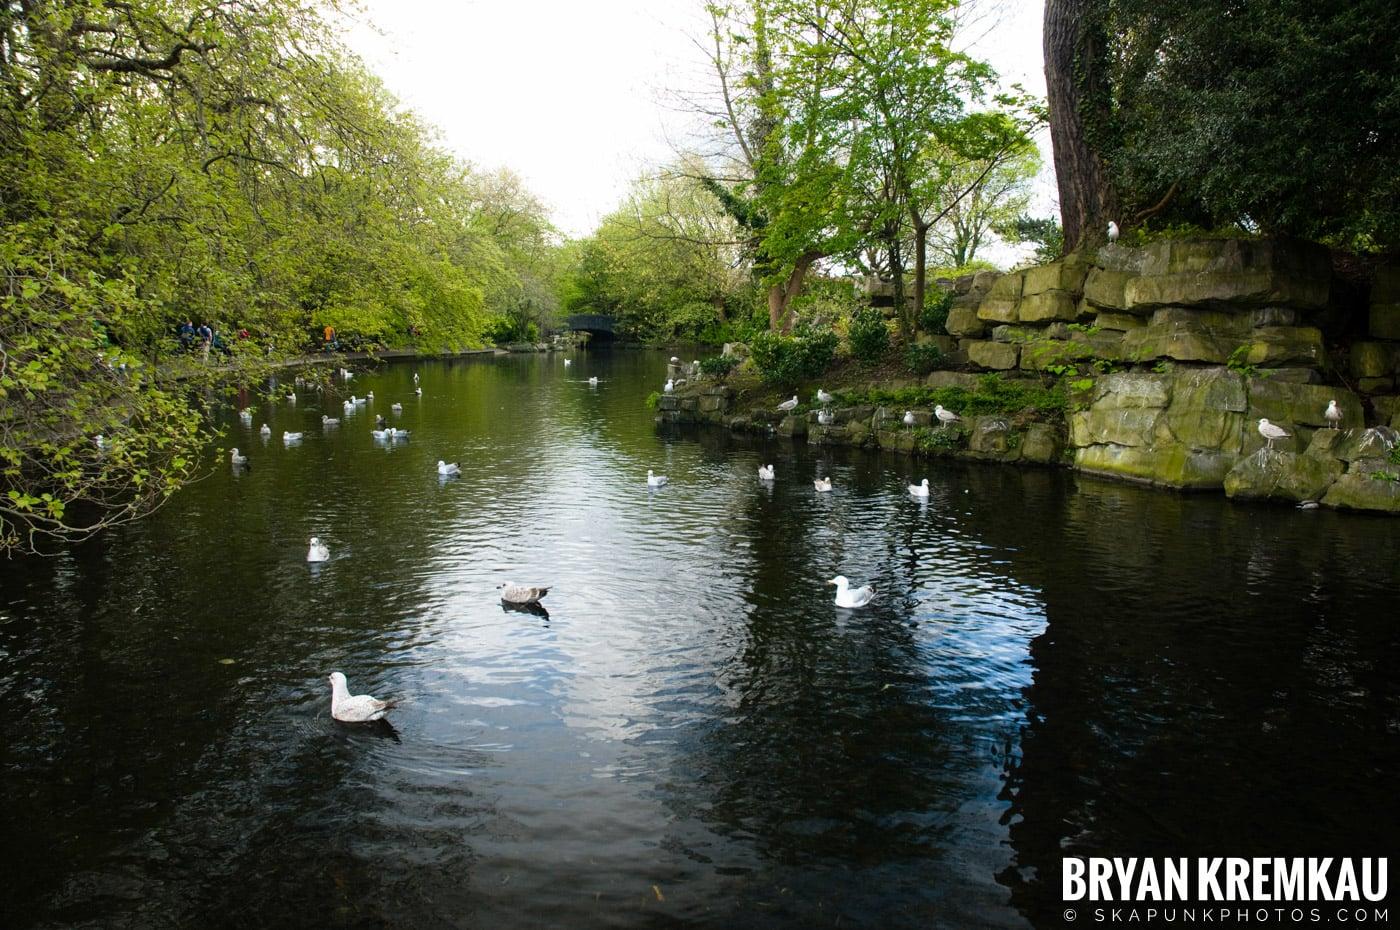 Dublin, Ireland Vacation - Day 1 (6)